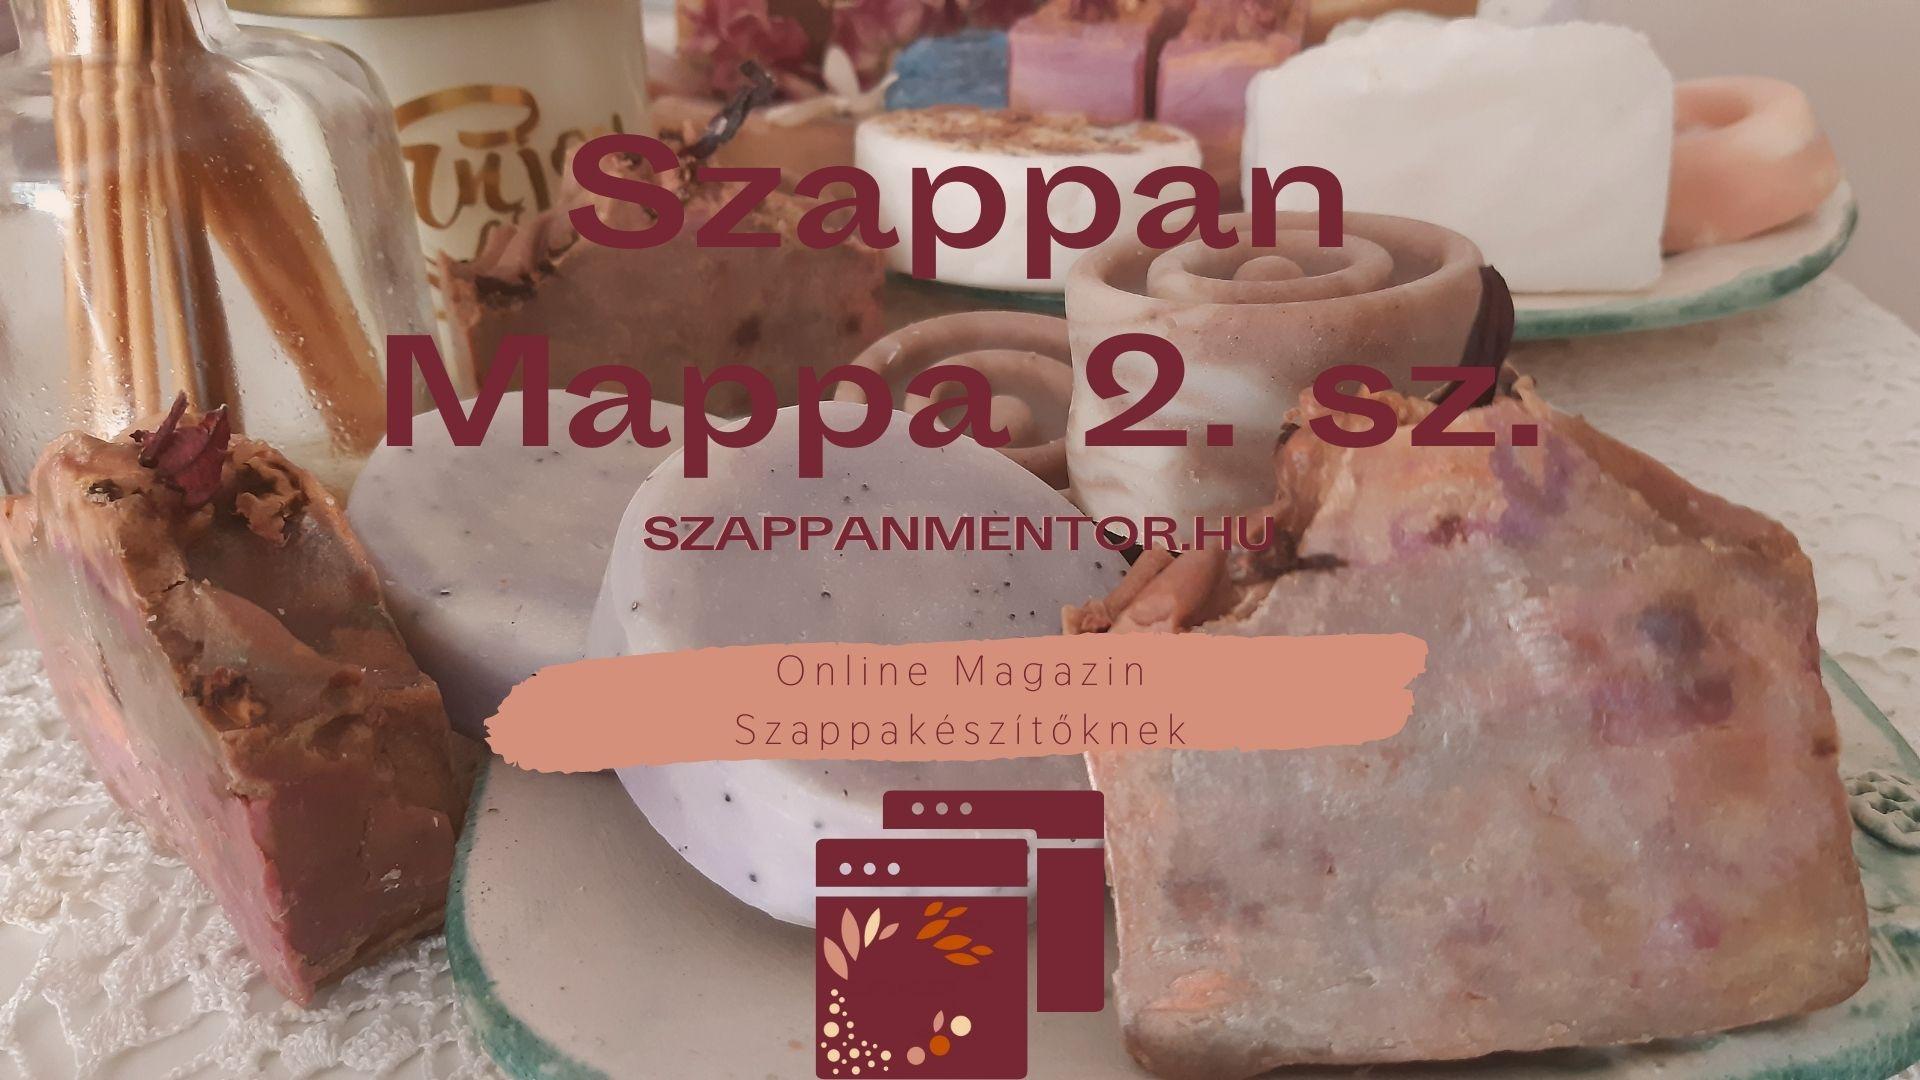 szappanmappaonlinemagazin